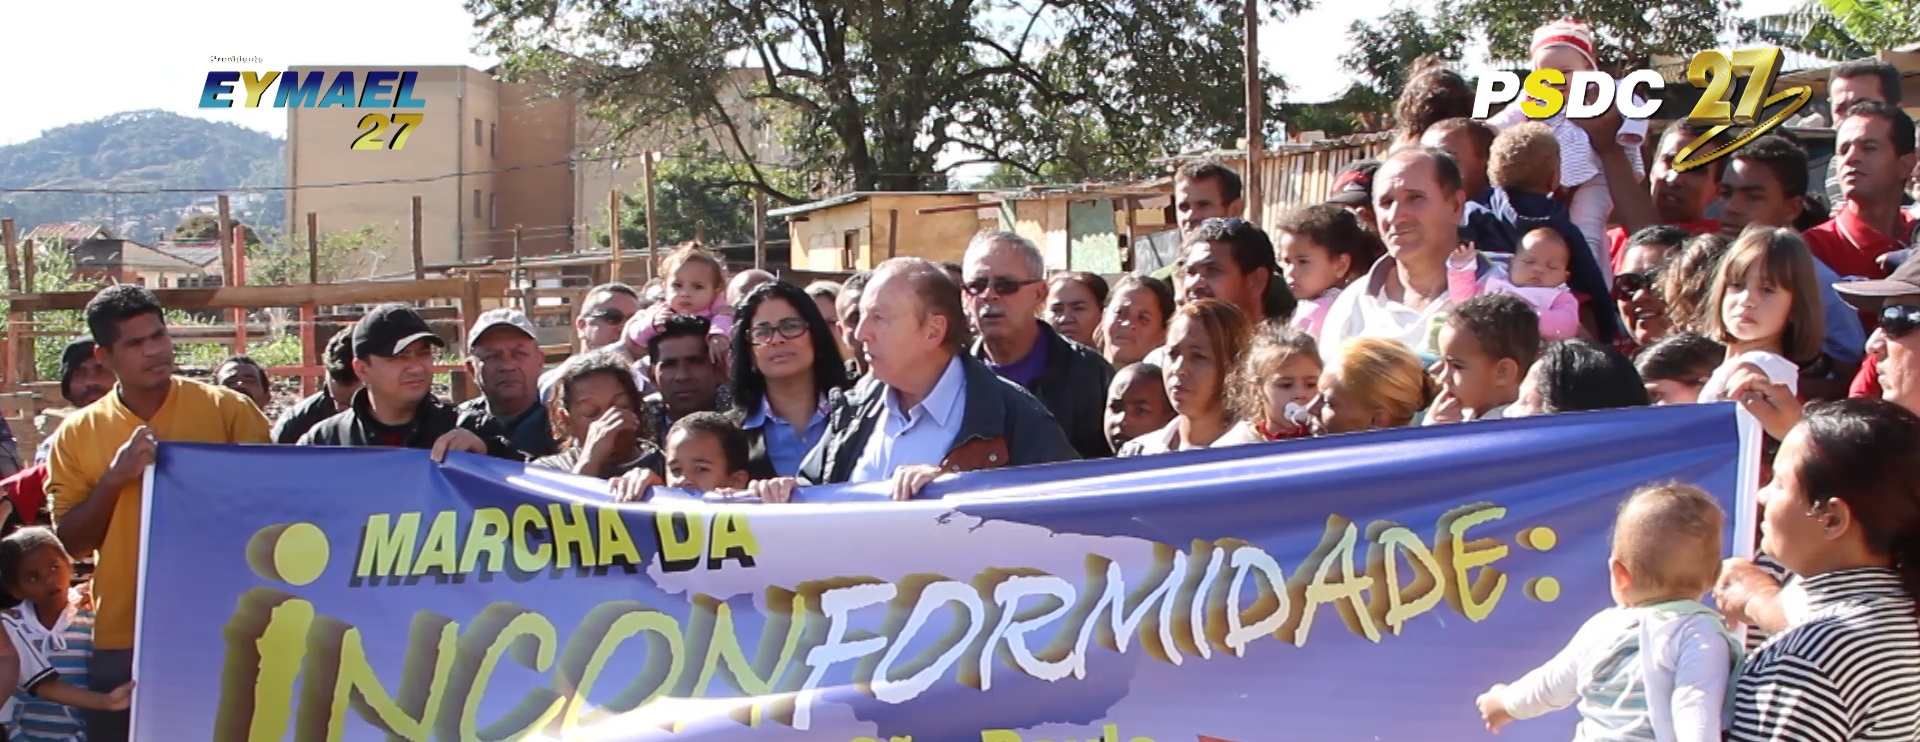 Em Guarulhos, na comunidade Salgado Filho.